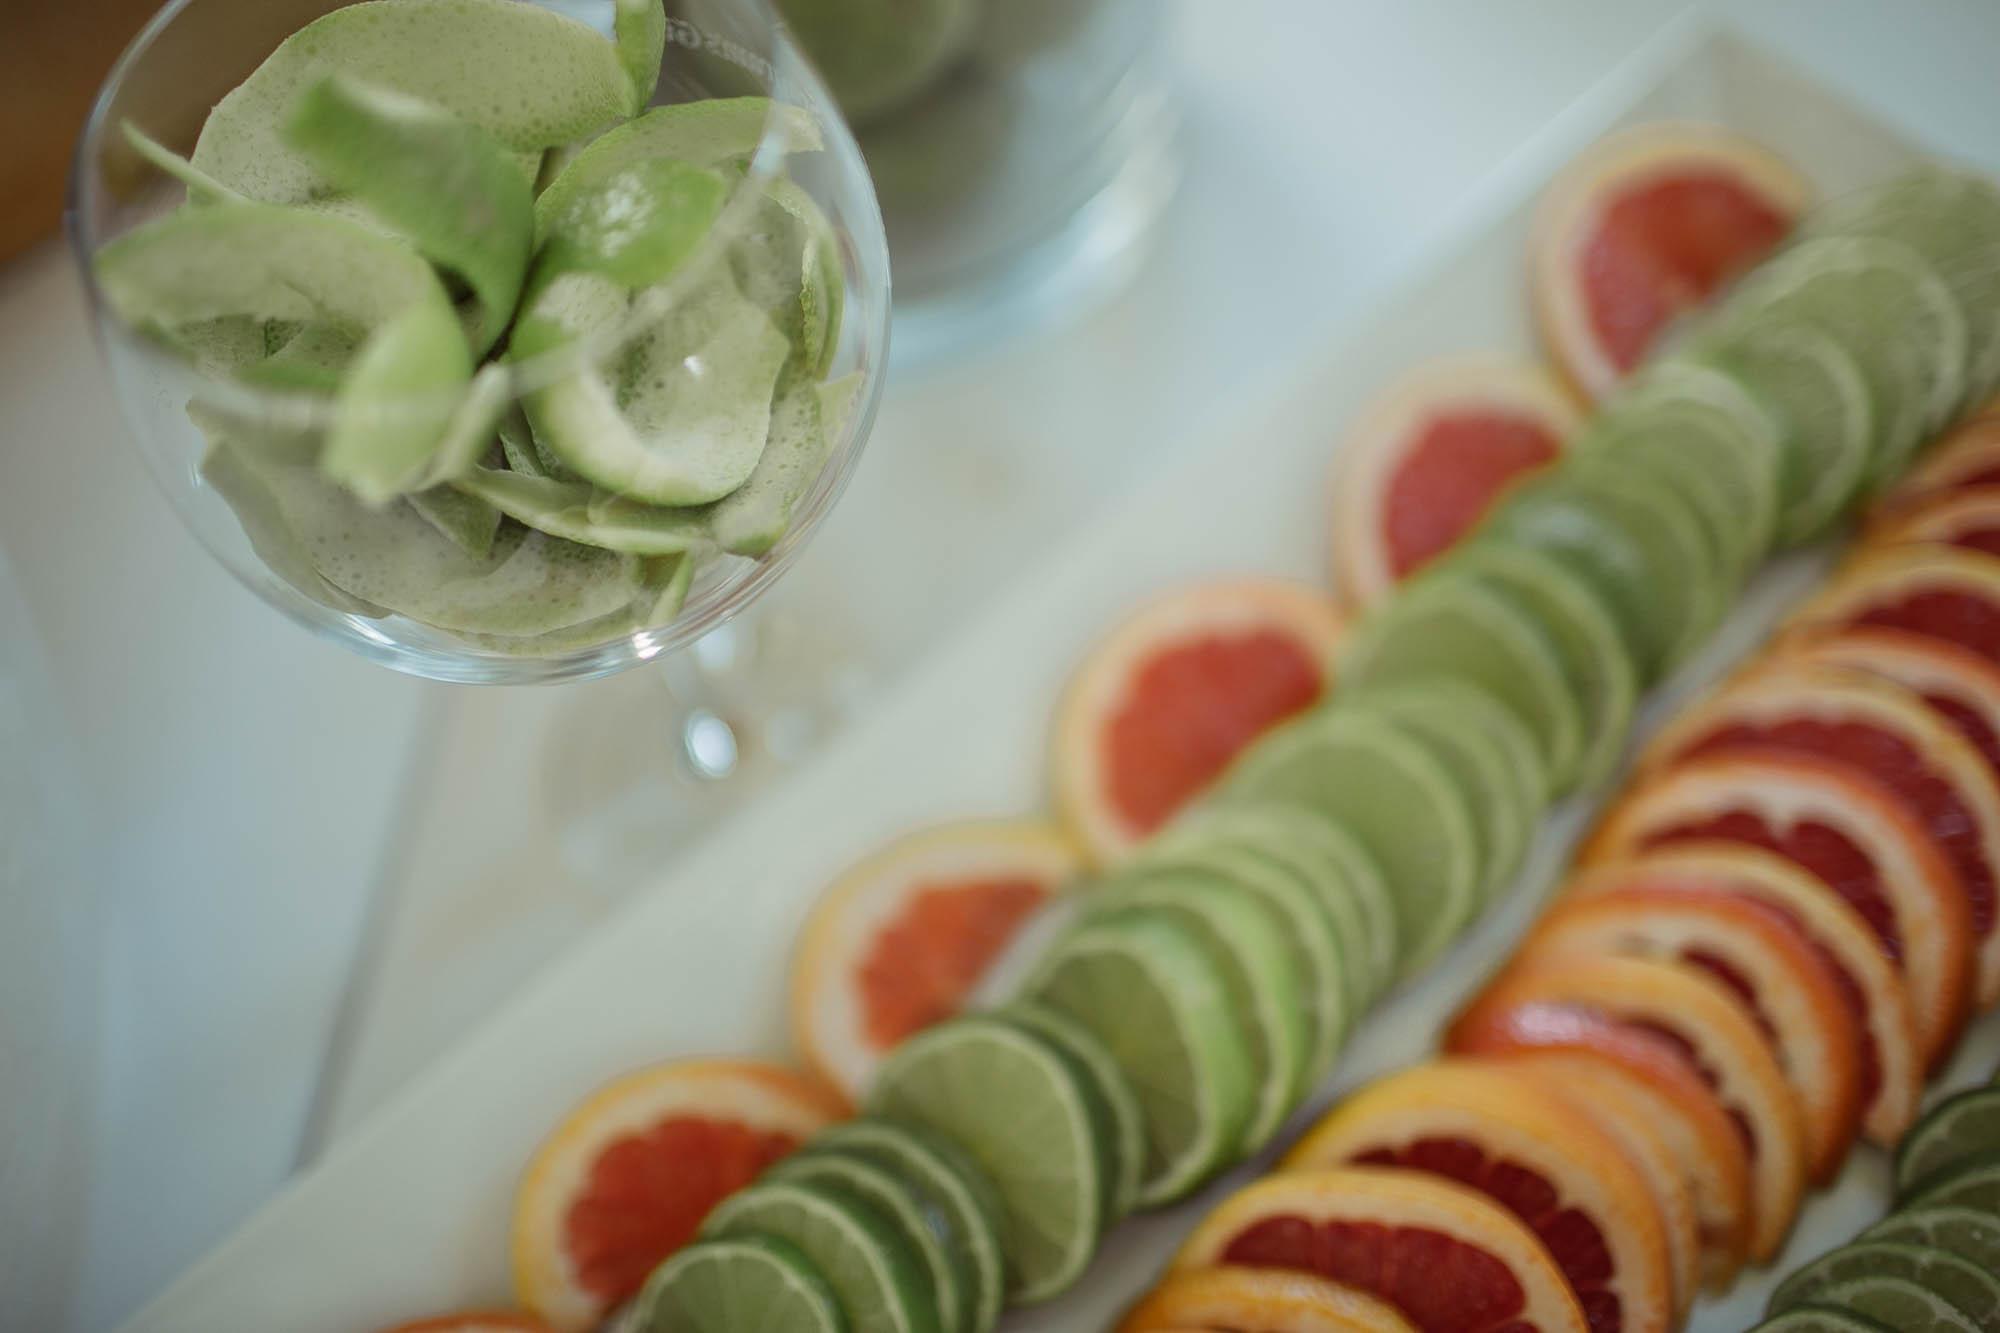 Una bandeja de cítricos cortados sobre la mesa